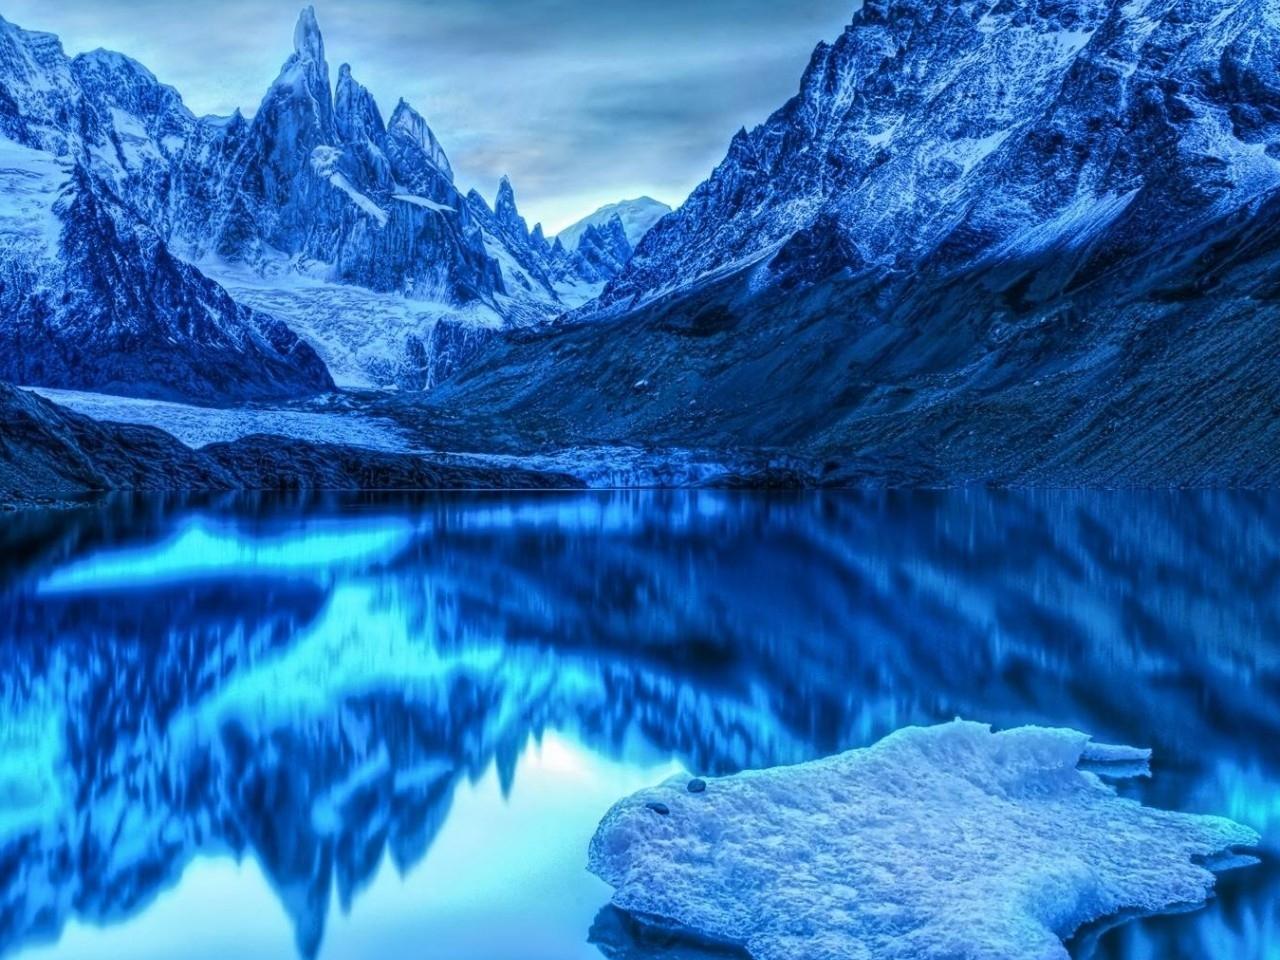 50296 Заставки и Обои Озера на телефон. Скачать Озера, Пейзаж, Природа, Горы картинки бесплатно